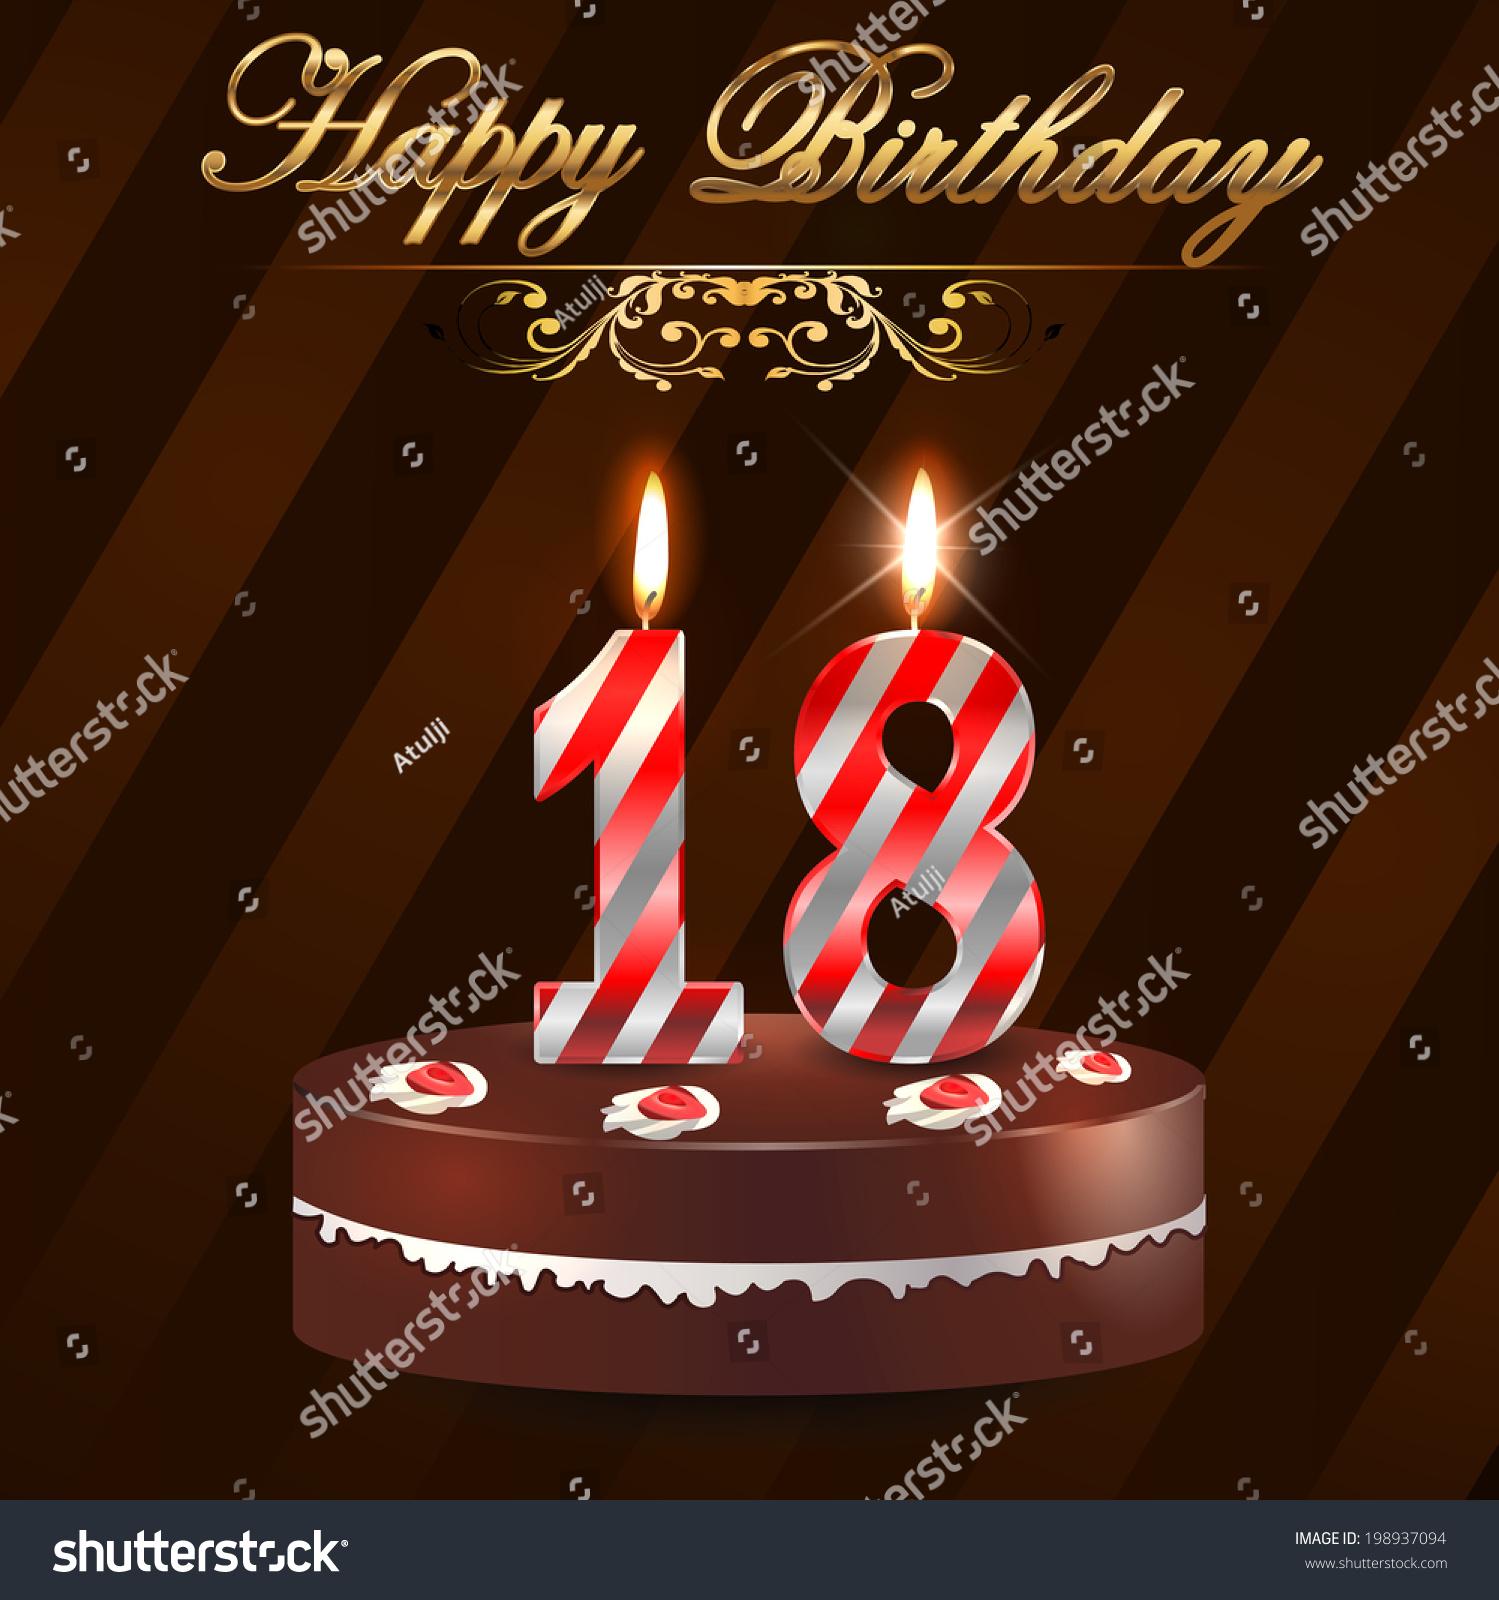 Переделки песен на день рождения 3